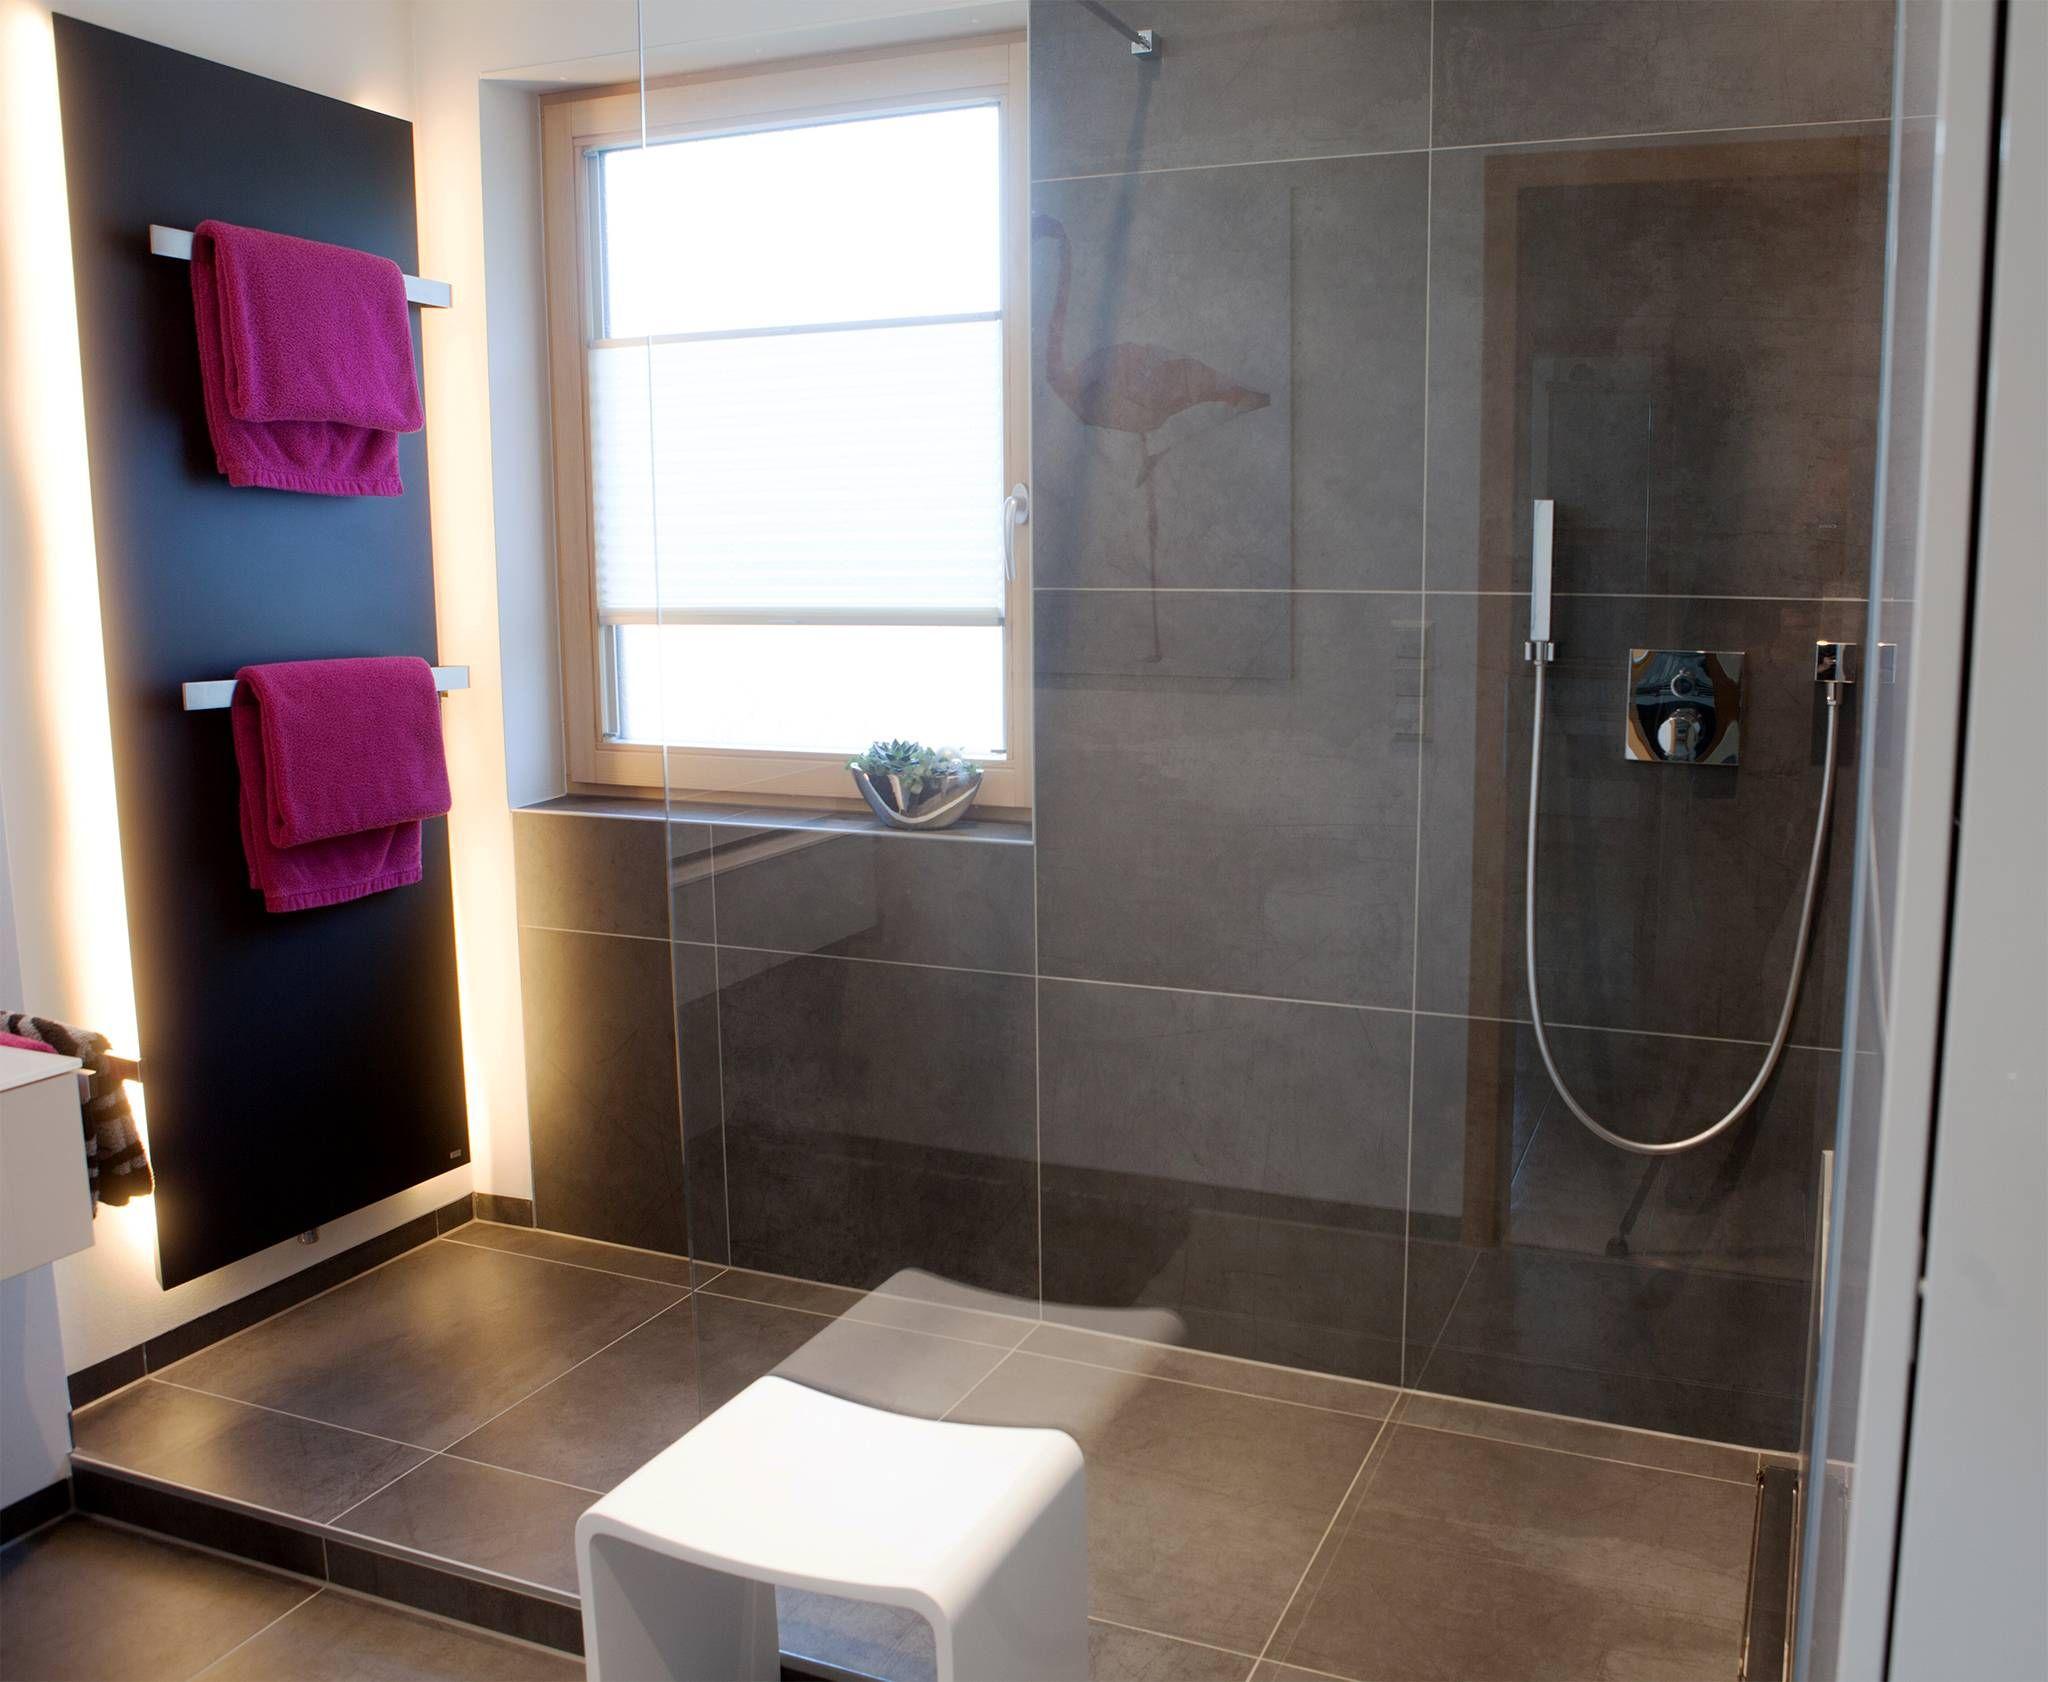 Große Dusche mit kleinem Podest | Badideen | Pinterest